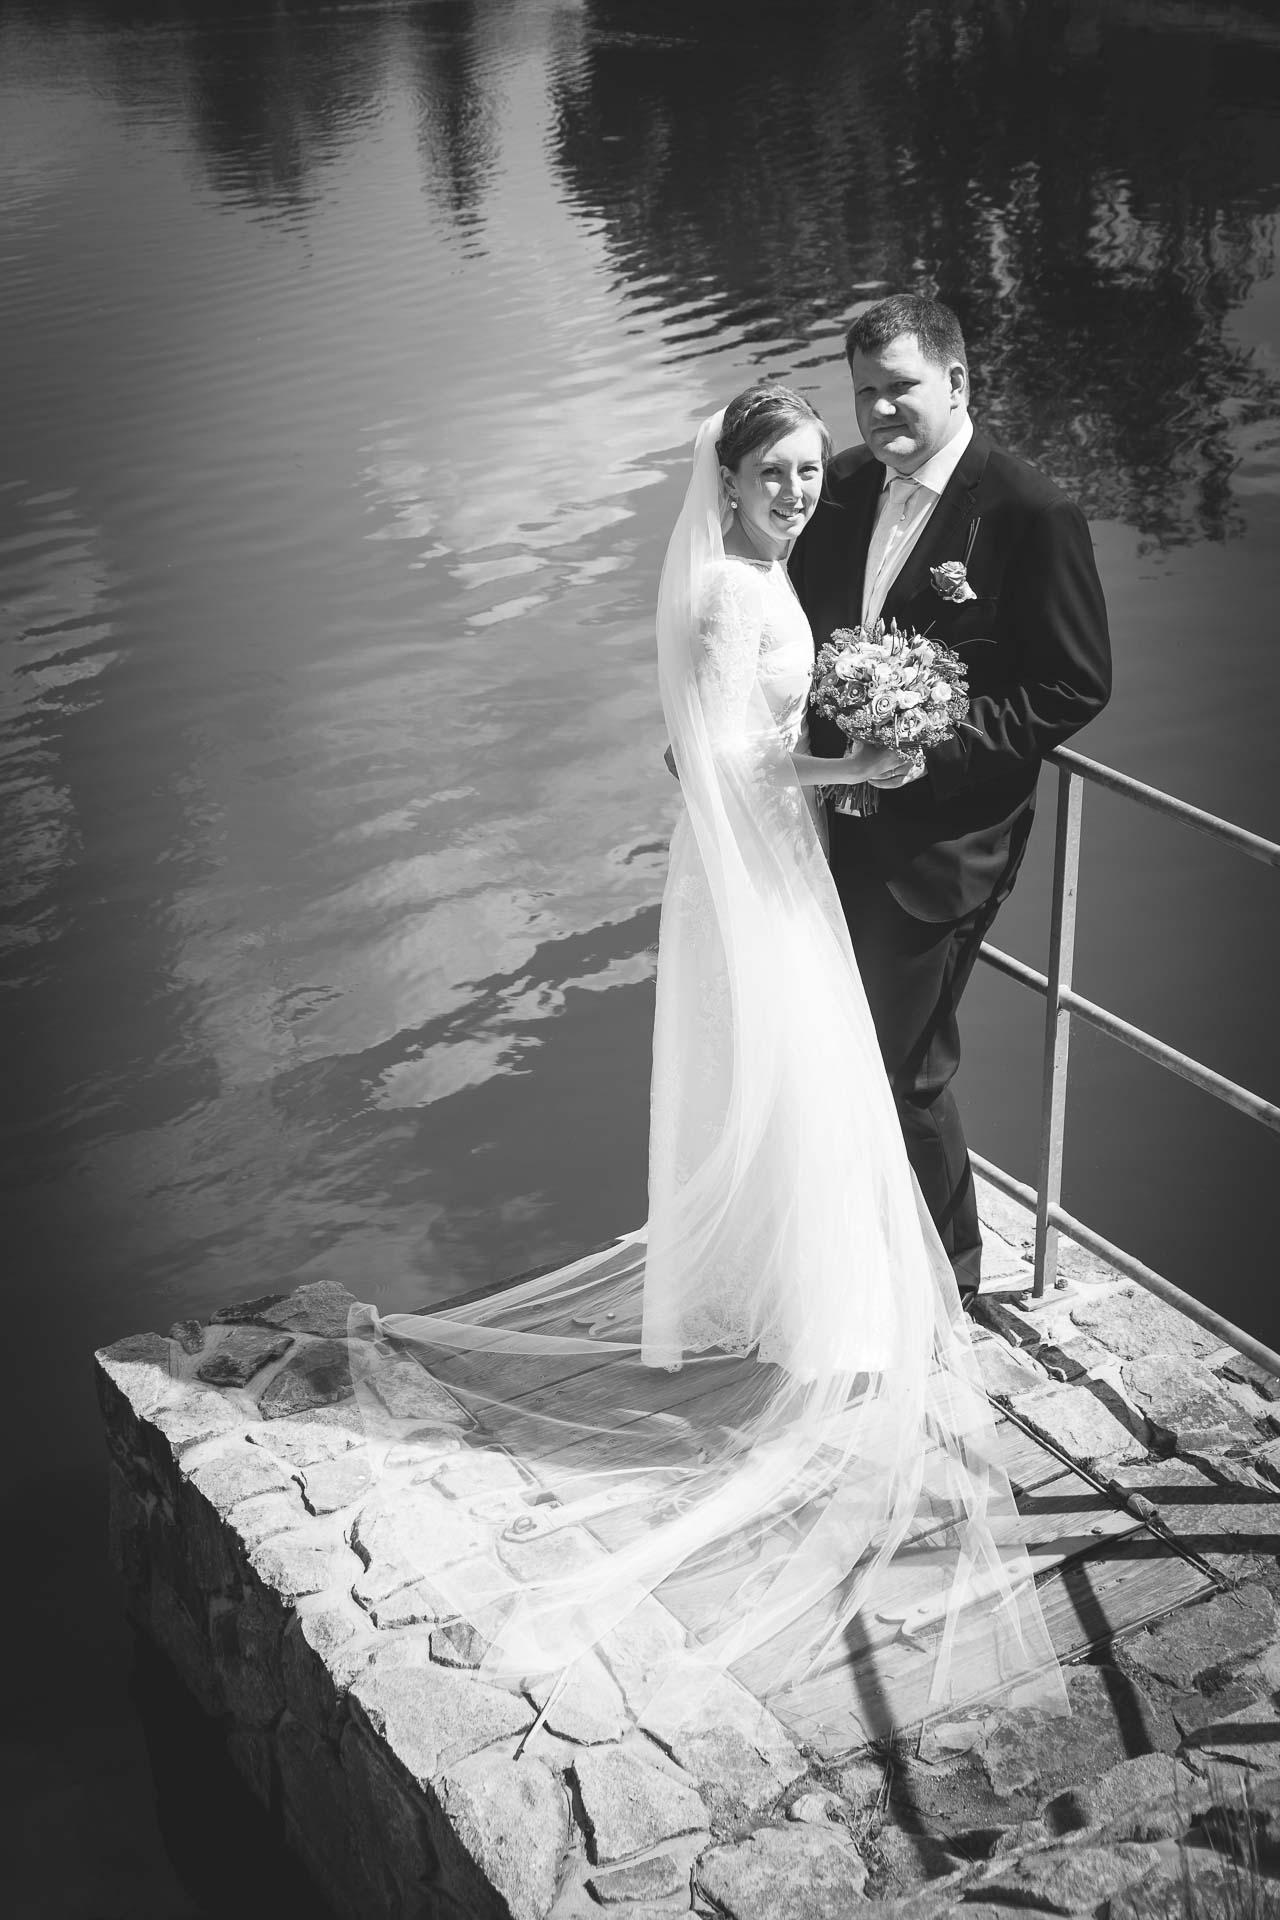 svatební fotograf Lysá nad Labem, penzion Polabí Přerov nad Labem, letní svatba-272